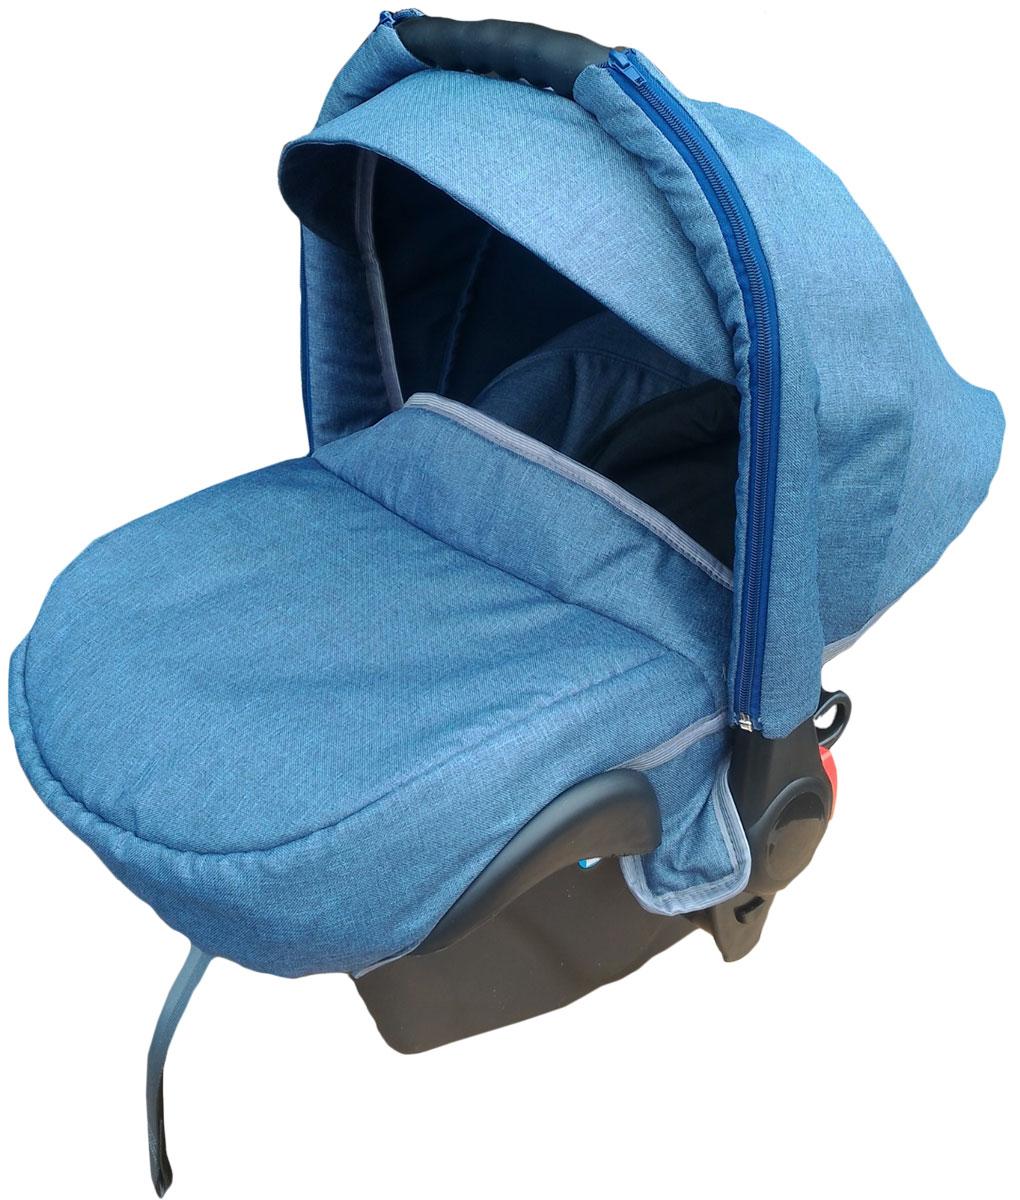 Lonex Автокресло цвет синий от 0 до 13 кг FL-13FL-13Очень лёгкоеавтокресло Lonexподойдет для любого автомобиля.Для малышей до 1 года (от 0 до 13 кг (группа 0+). Анатомическая подушечка создает комфорт малышу. Отстегивающийся козырек защитит ребенка от солнца, а теплая накидка на ножки обеспечит комфорт в прохладную погоду. Возможно установка горизонтального положения спинки. В кресле для малышей существует три надежных ремня безопасности со специальными накладками, которые не будут натирать нежную кожу ребенка. Данное автокресло возможно установить на все шасси колясок Lonex 2 в 1.